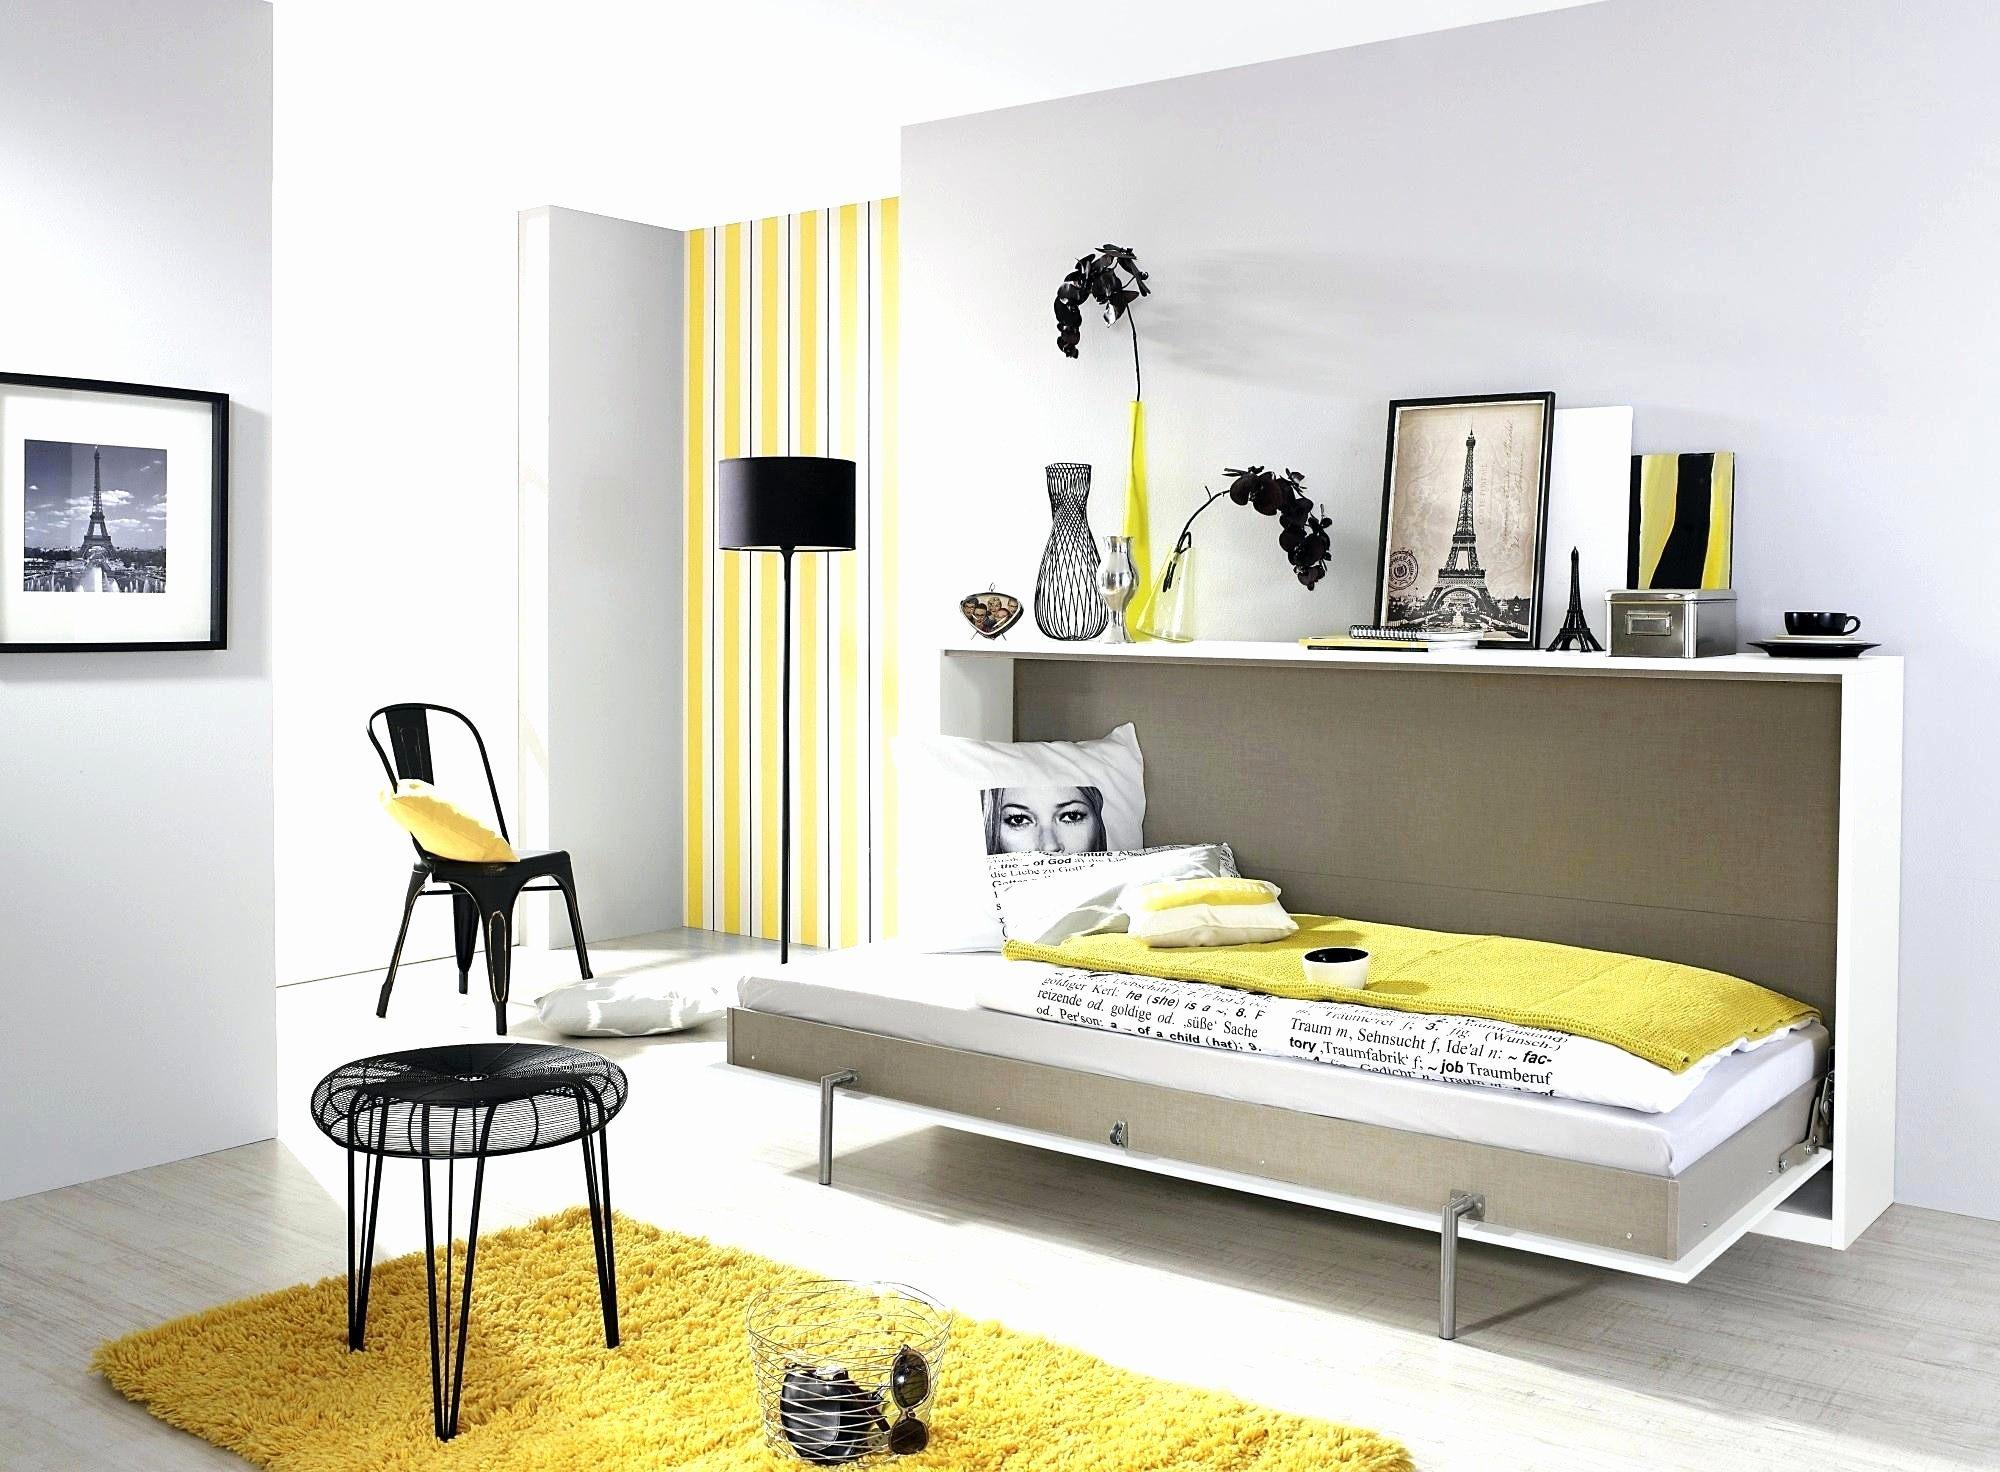 Lit Rangement Ikea Beau Lit Tete De Lit Rangement Meilleur De Tete De Lit Ikea 180 Fauteuil